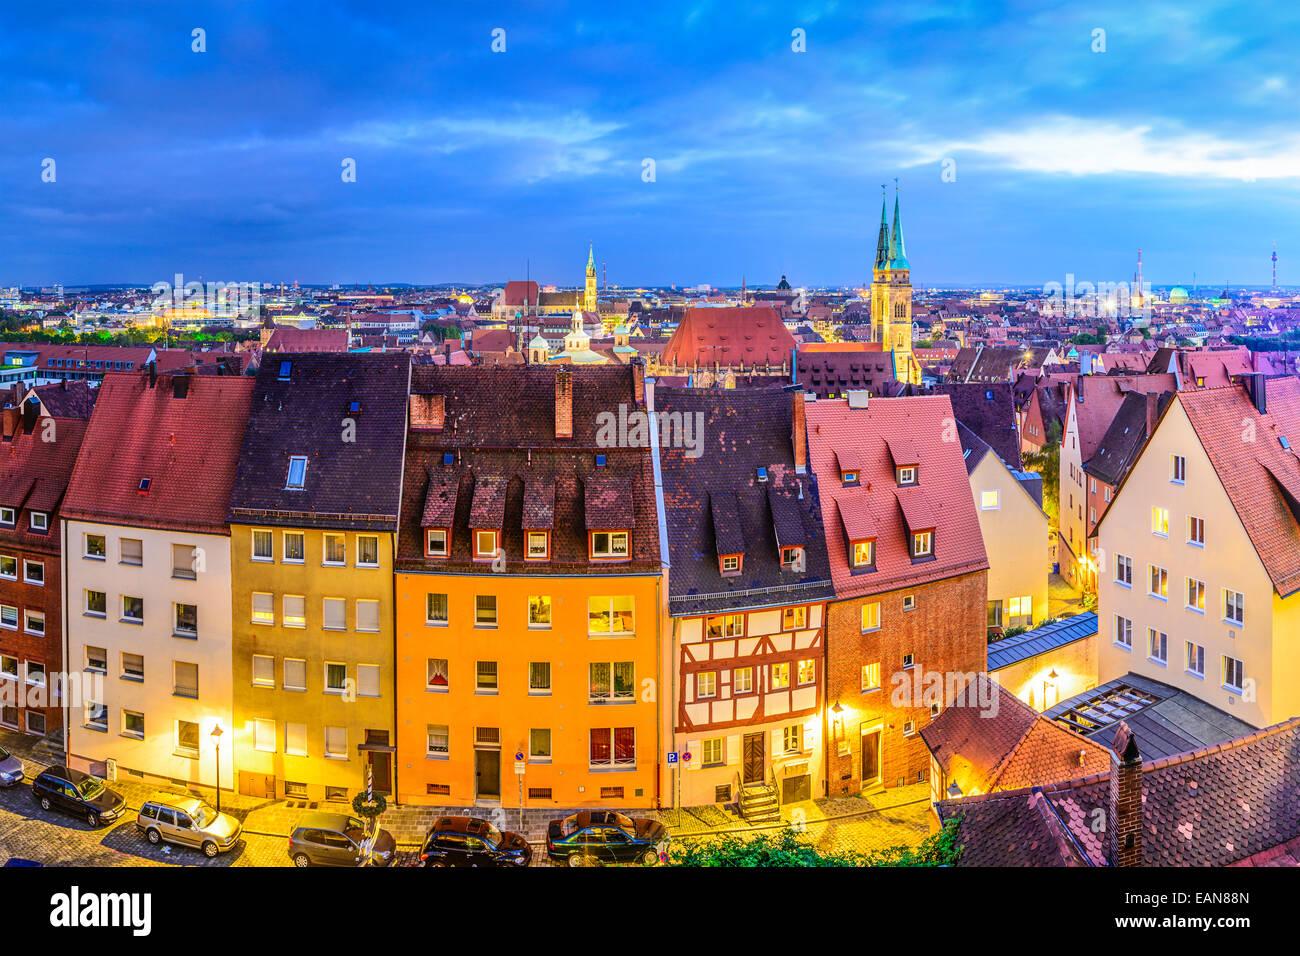 Nürnberg, alte Stadt Skyline. Stockbild